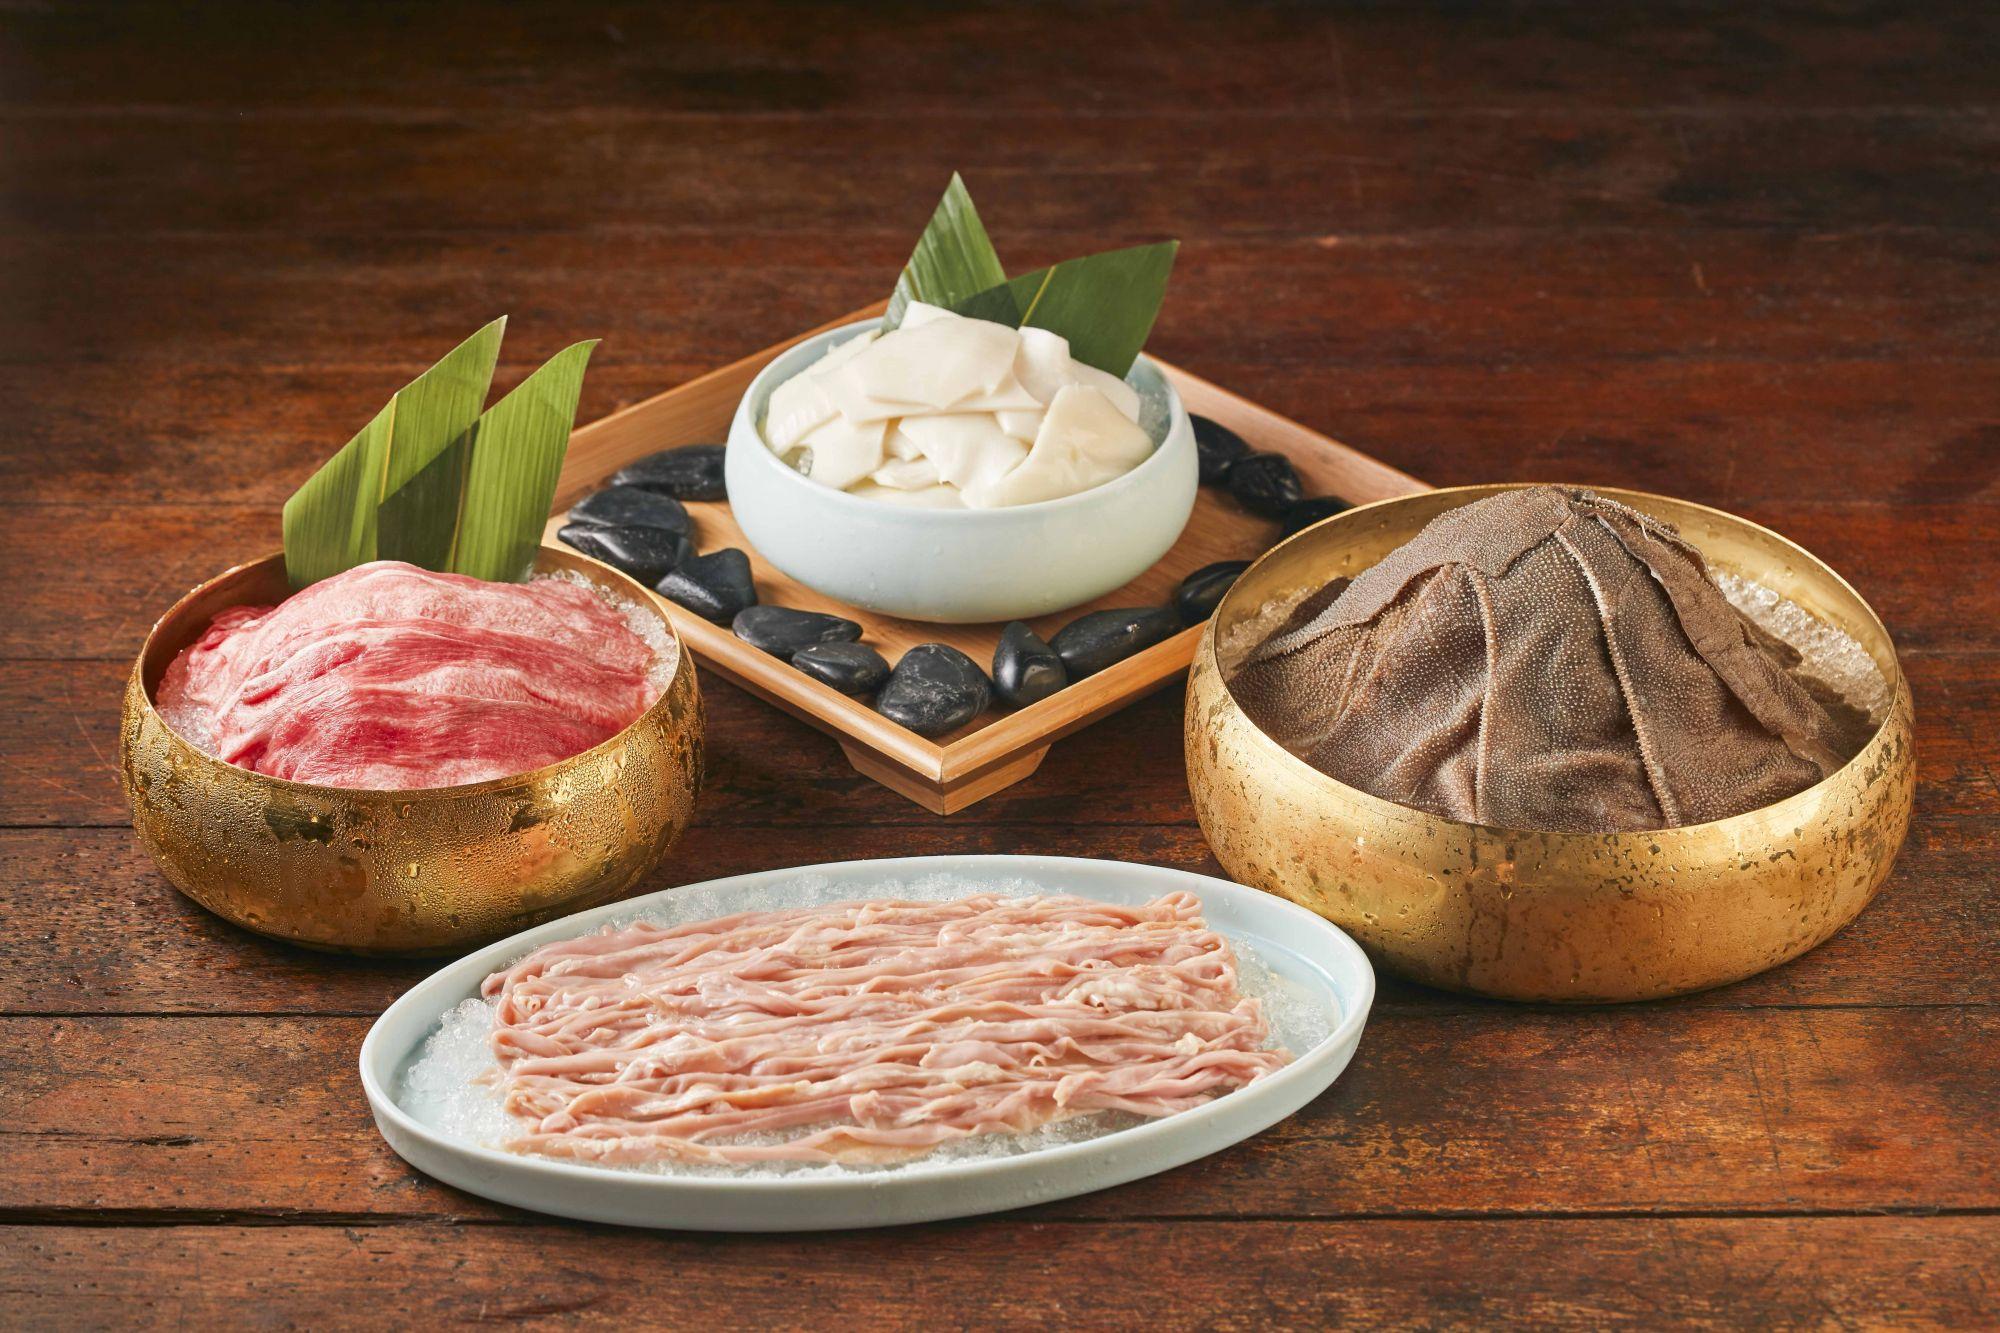 麻辣45主打「麻辣四寶」之稱的毛肚、鴨腸、黃喉與五秒牛舌,都是老饕們必點的經典料理。